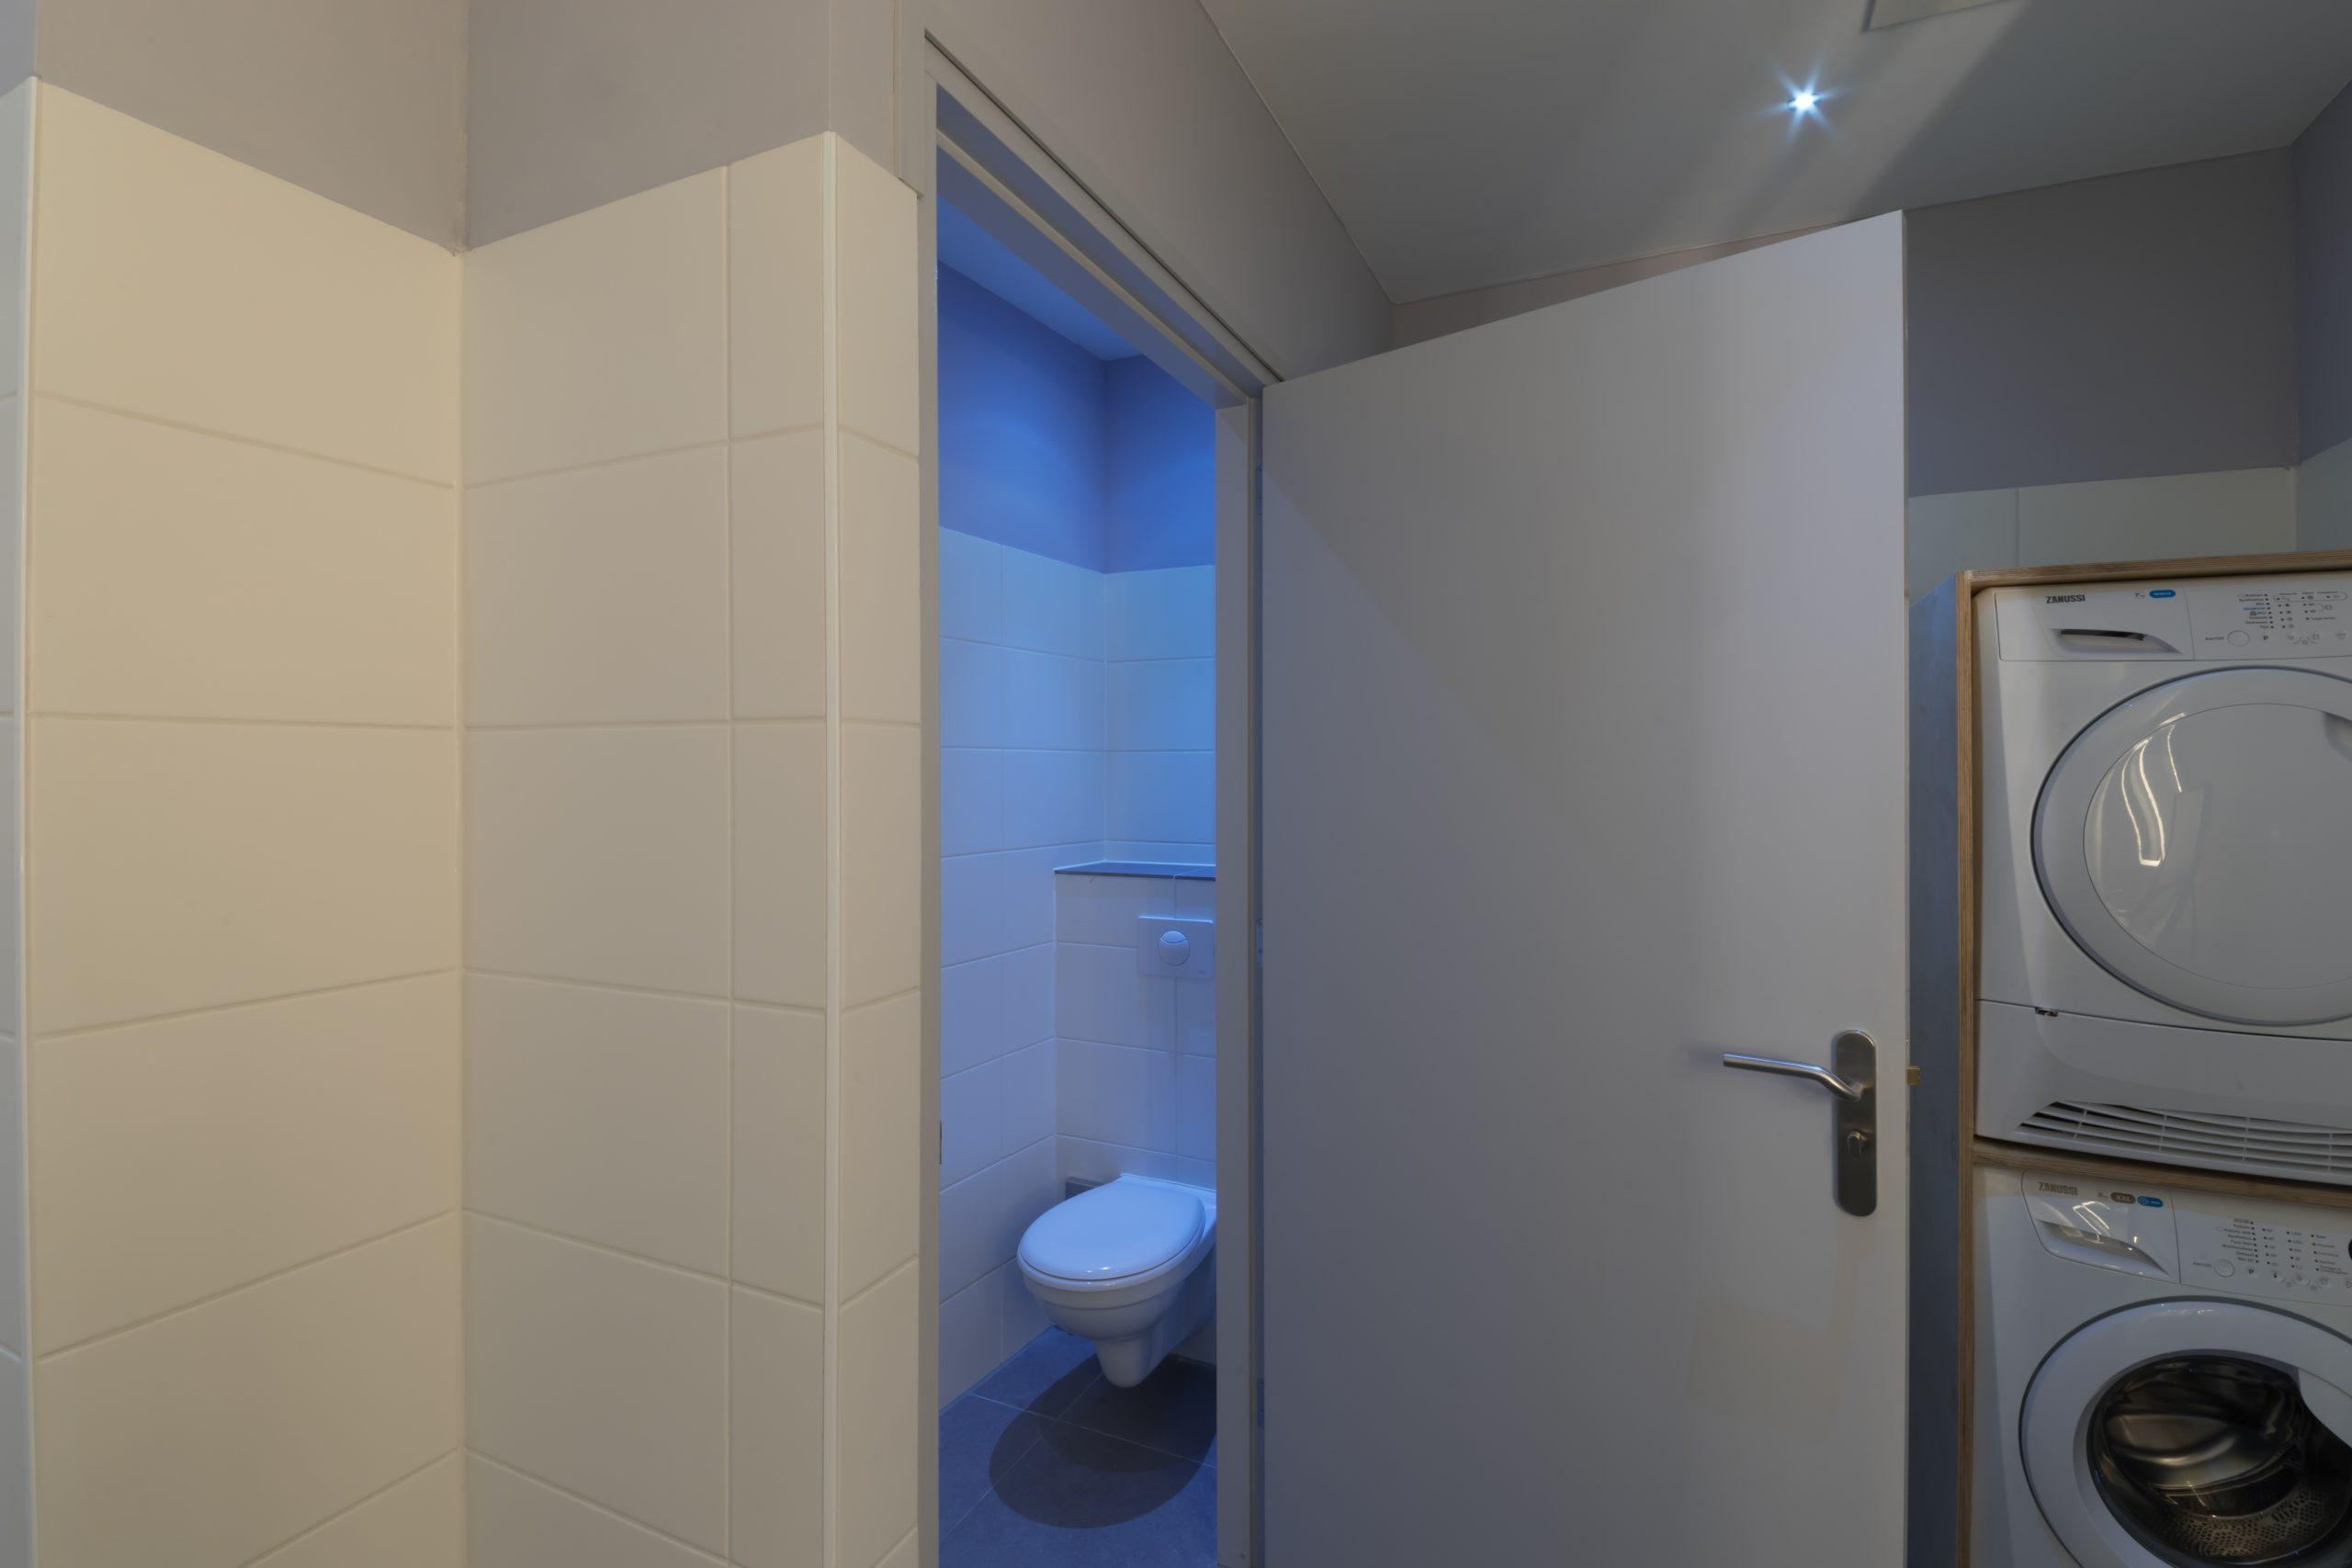 Badkamer-Bathroom-bathzimmer-Tulp-Relaxed-Slapen-4